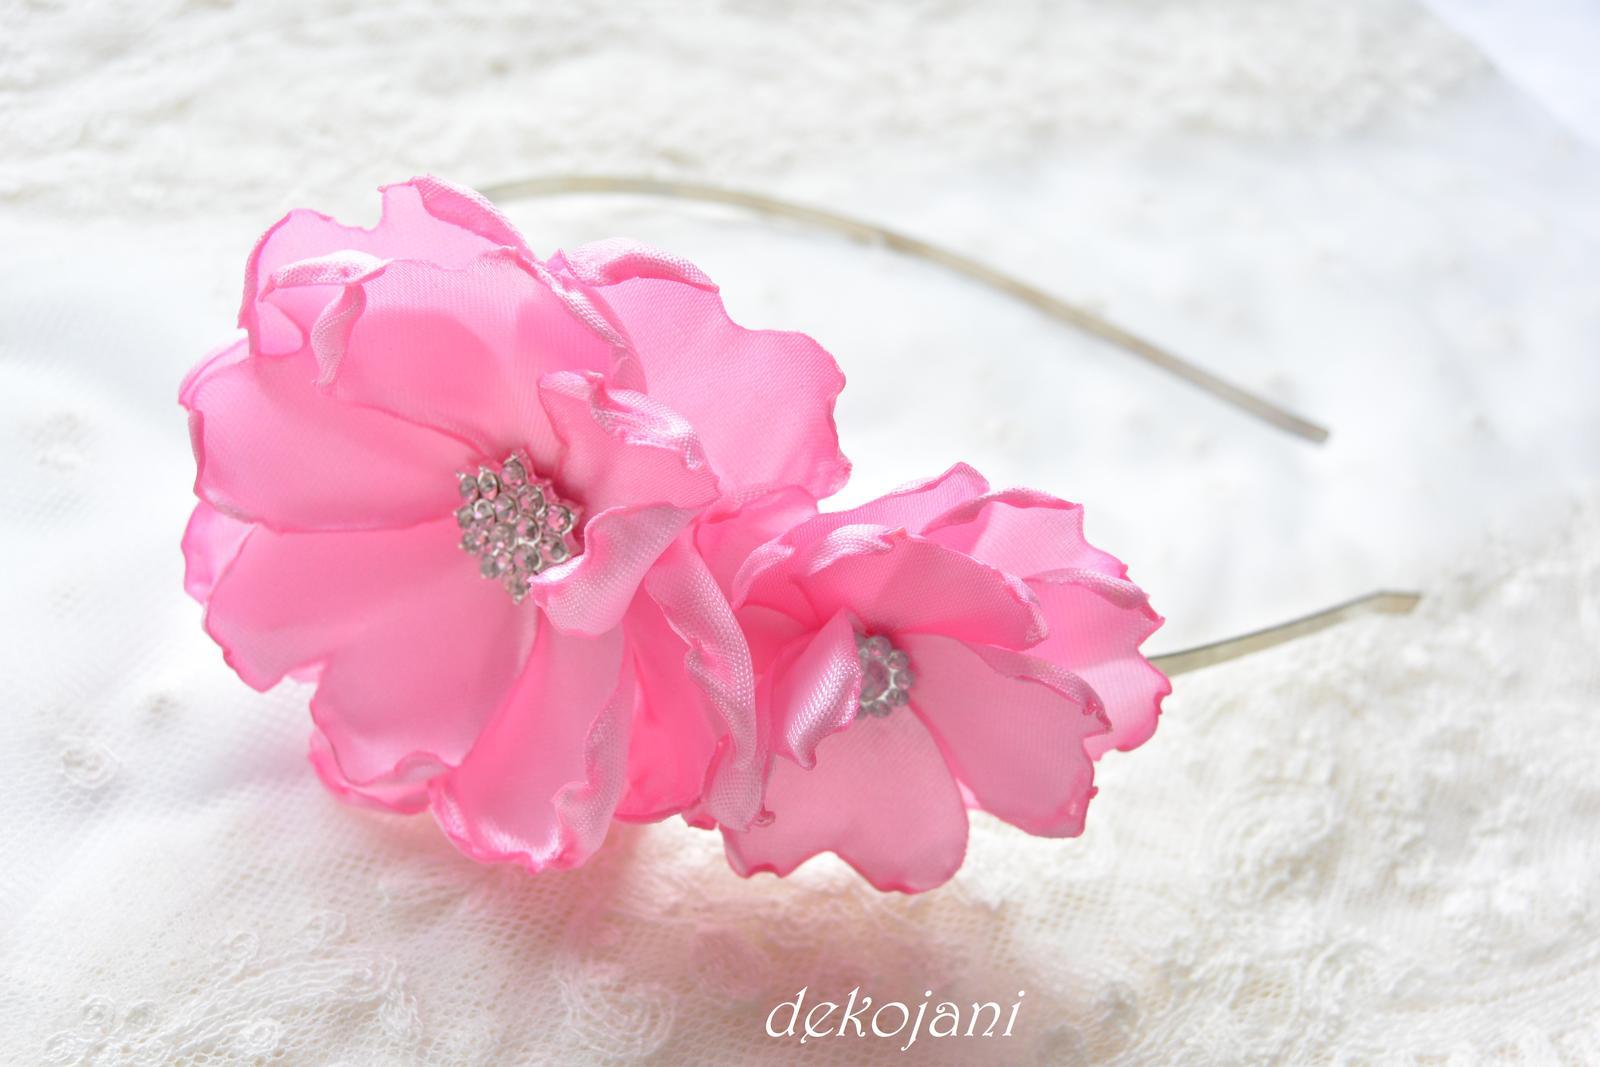 Čelenky, květiny do vlasů, náramky, obojek pro pejska... - Obrázek č. 4